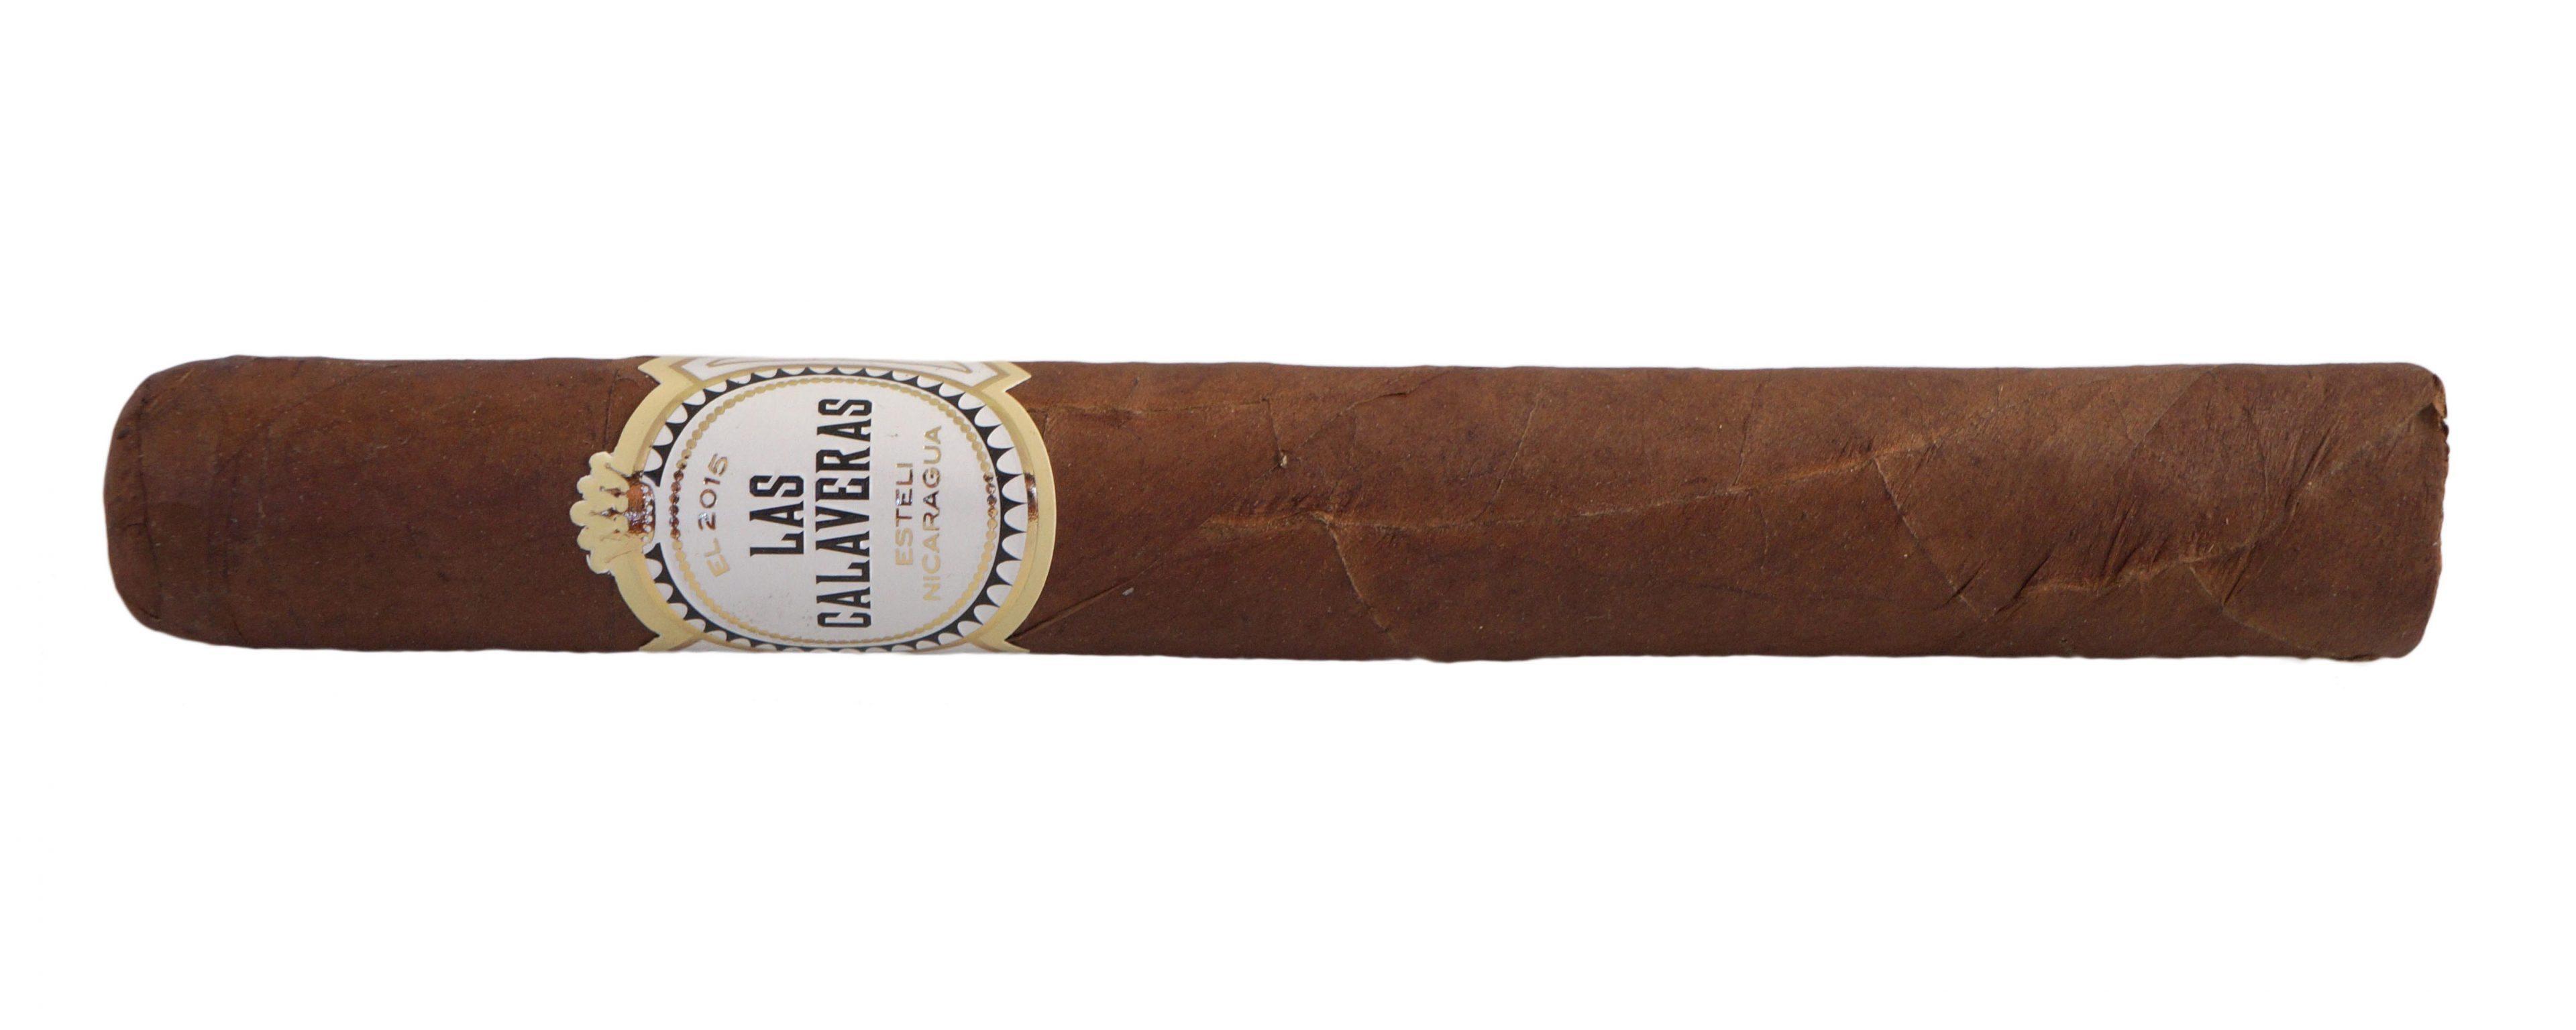 Blind Cigar Review: Crowned Heads | Las Calaveras Edición Limitada 2015 LC46